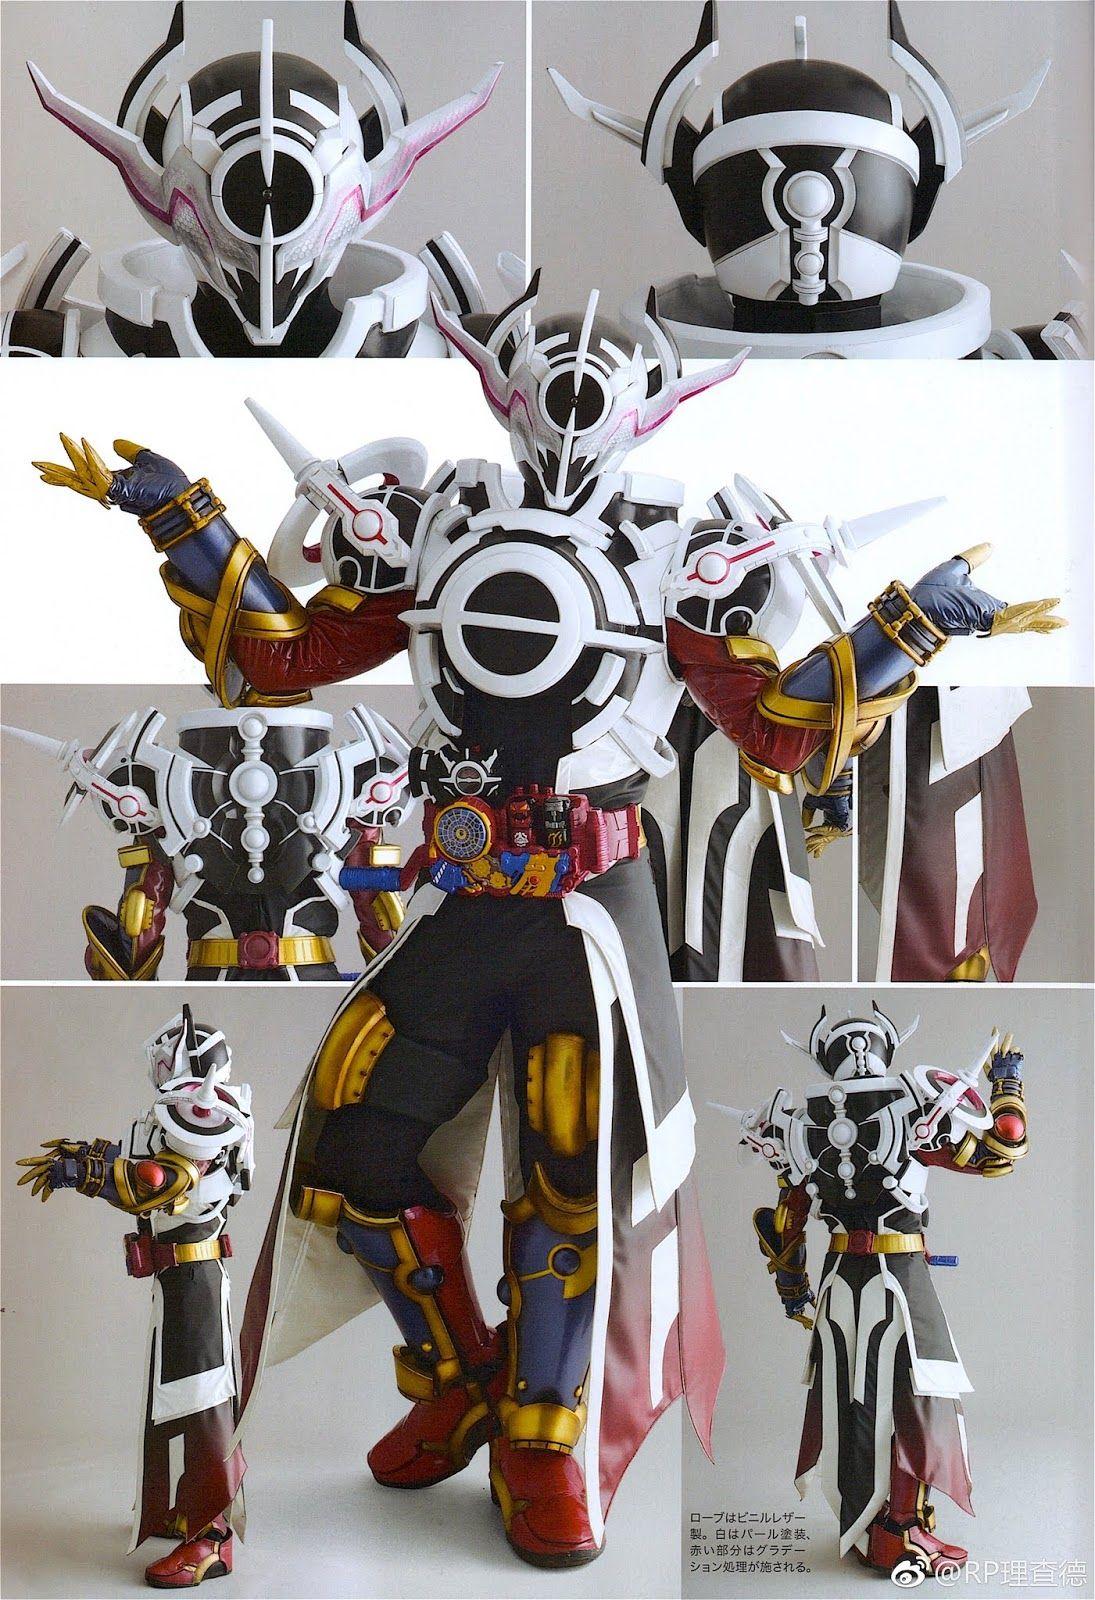 ปักพินโดย ค้าขาย ใน mask rider การออกแบบตัวละคร, อะนิเมะ